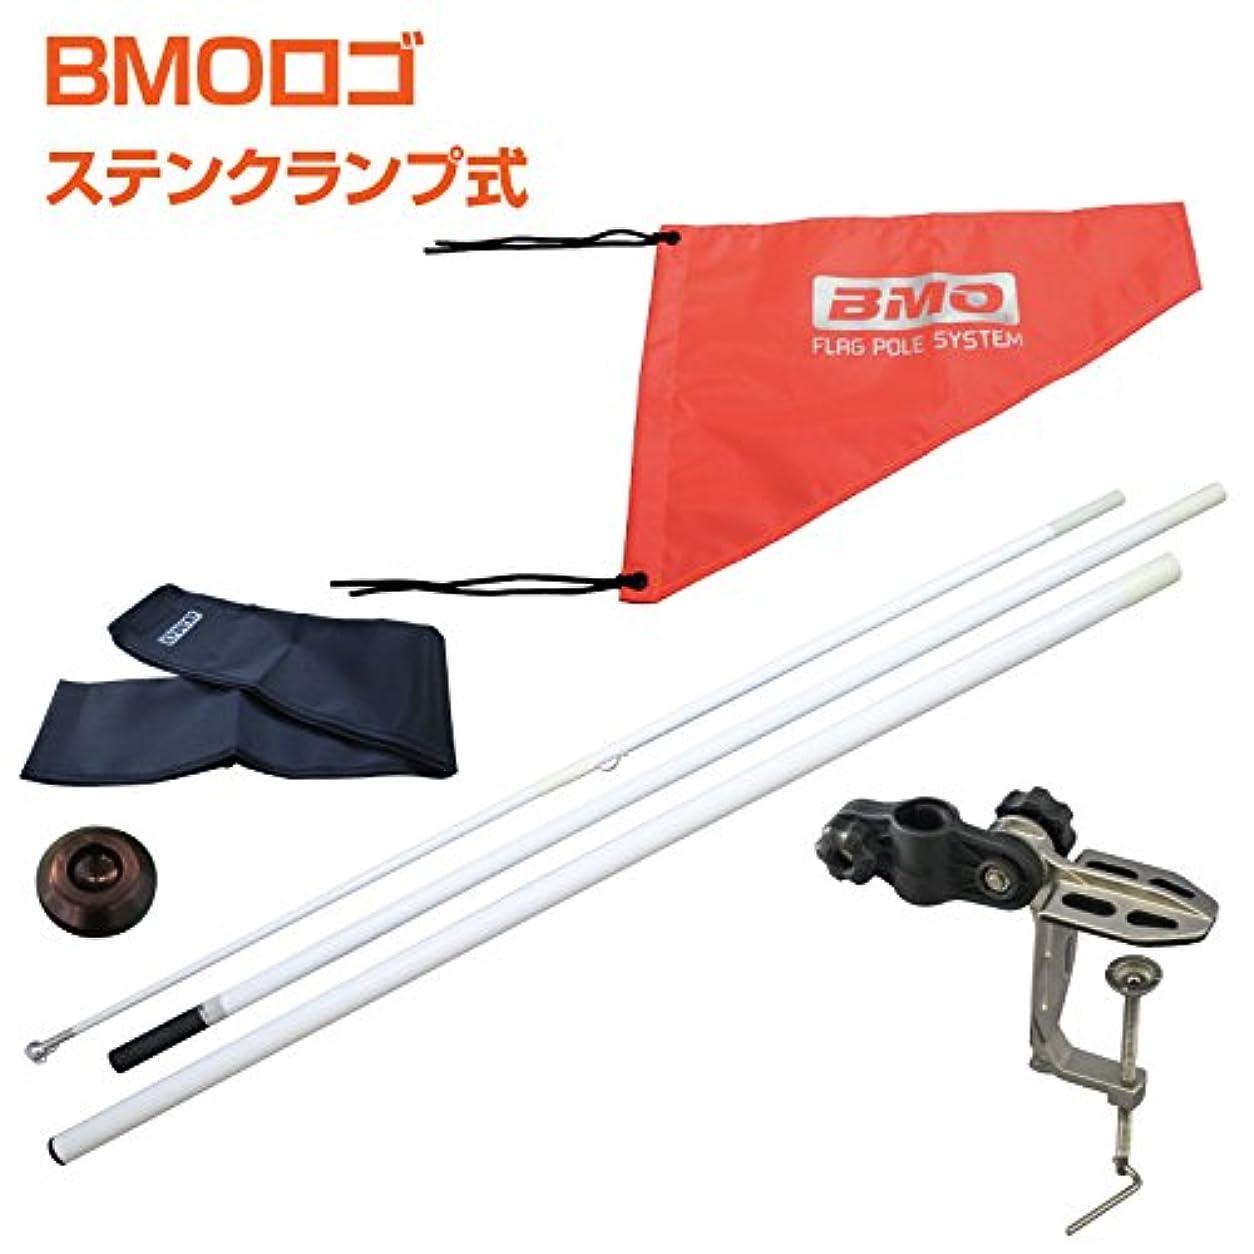 突き刺す明確なちょっと待ってBMO JAPAN(ビーエムオージャパン) ステンクランプ式フラッグポールシステムA BM-FP-100-SET-CP02